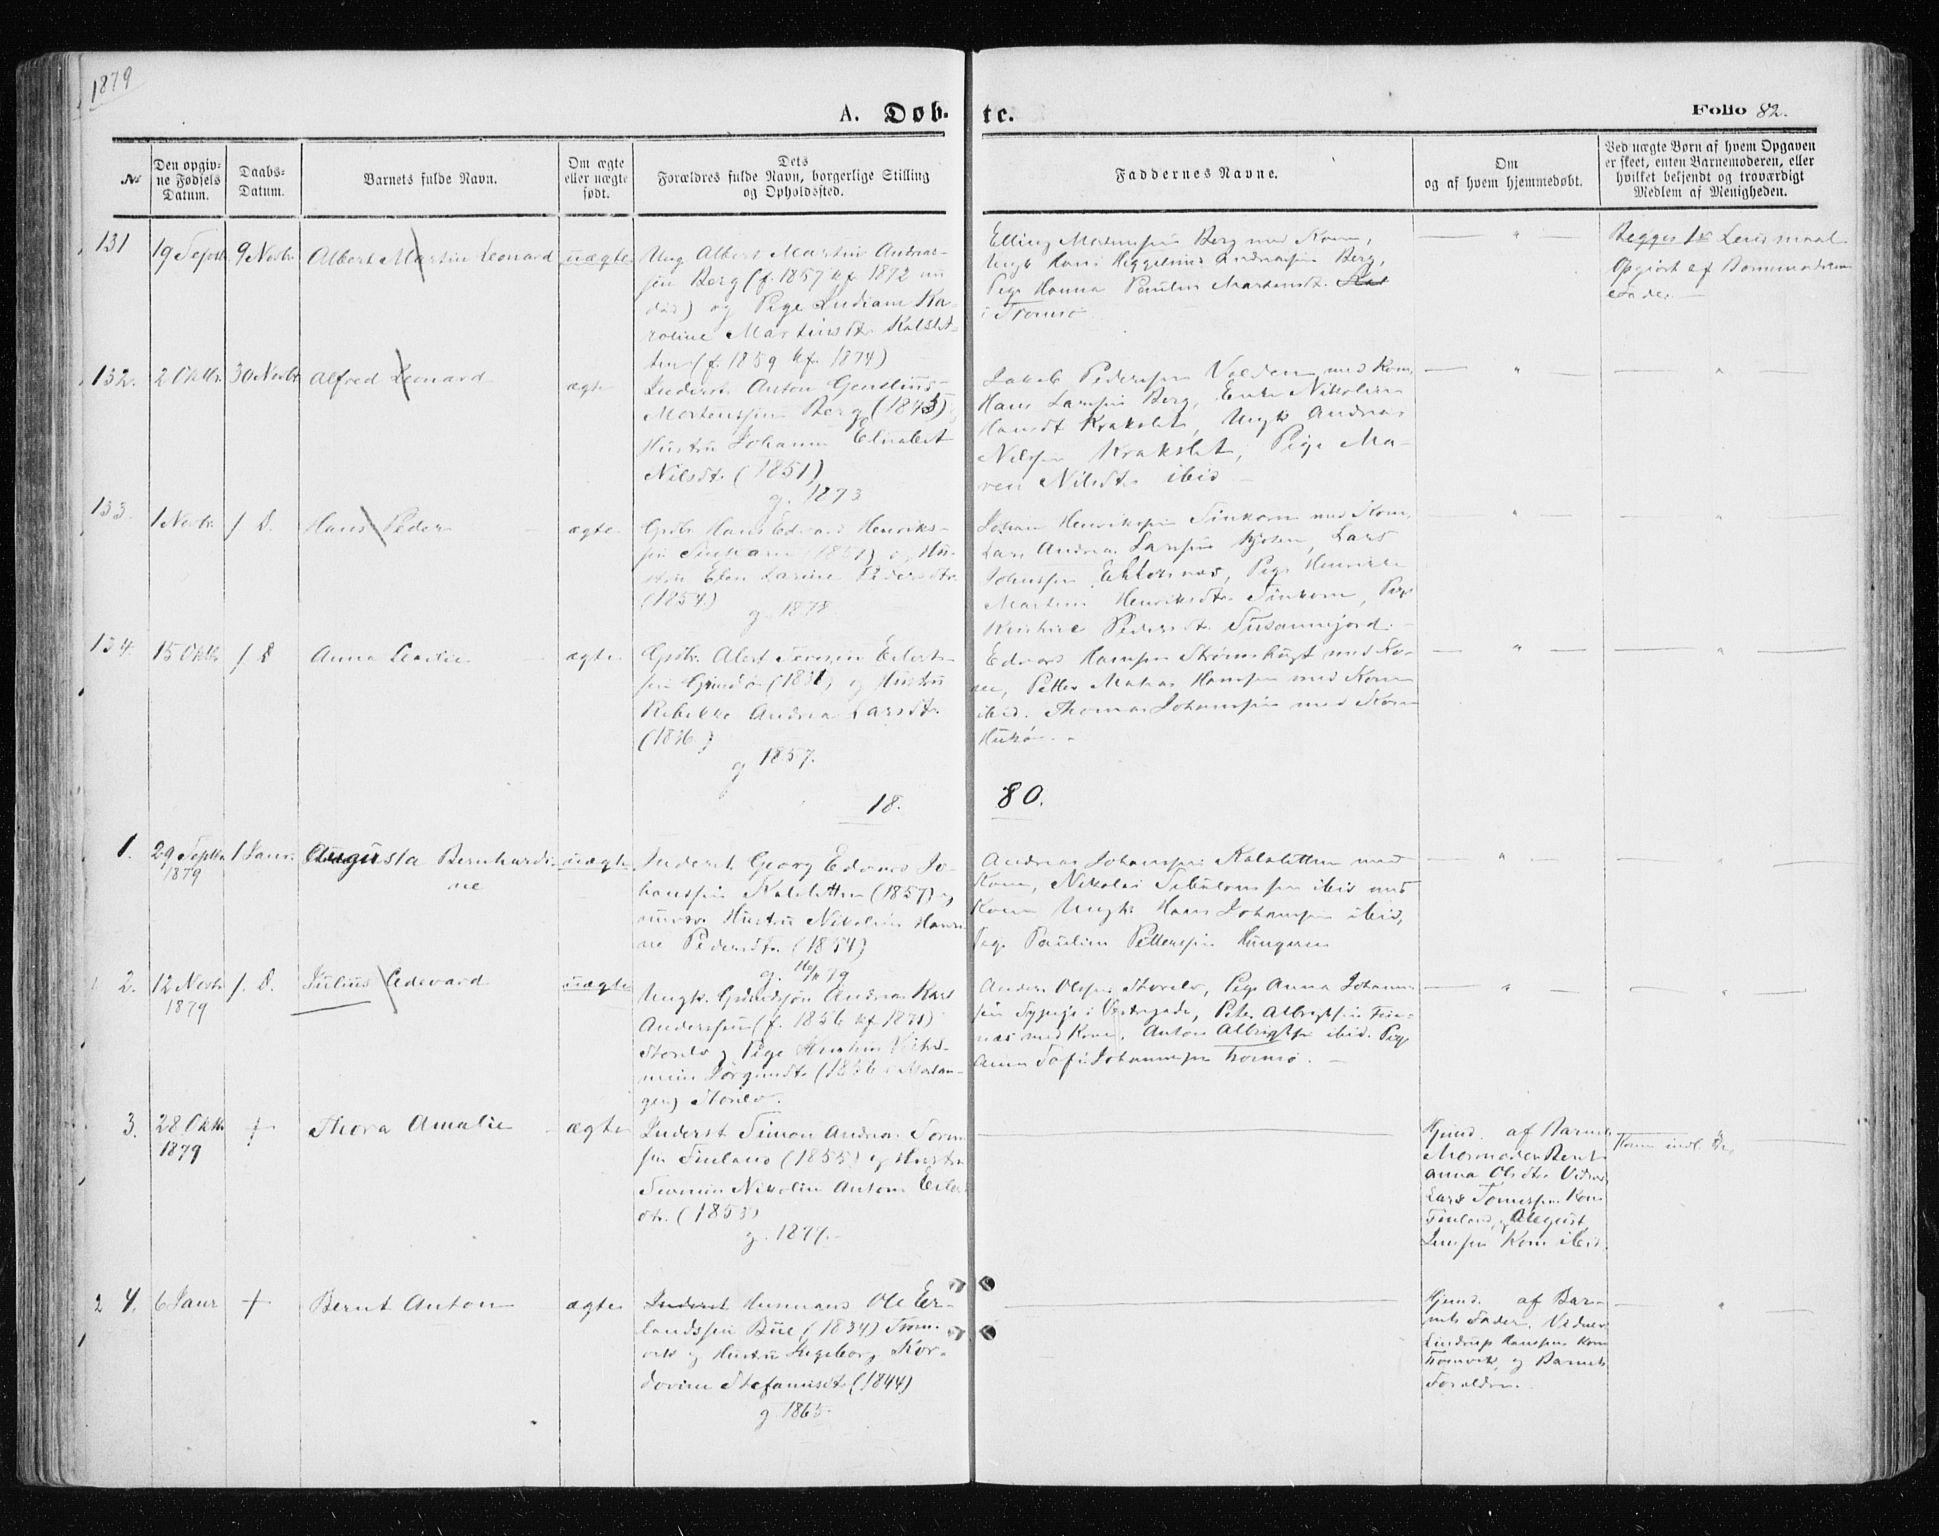 SATØ, Tromsøysund sokneprestkontor, G/Ga/L0003kirke: Ministerialbok nr. 3, 1875-1880, s. 82